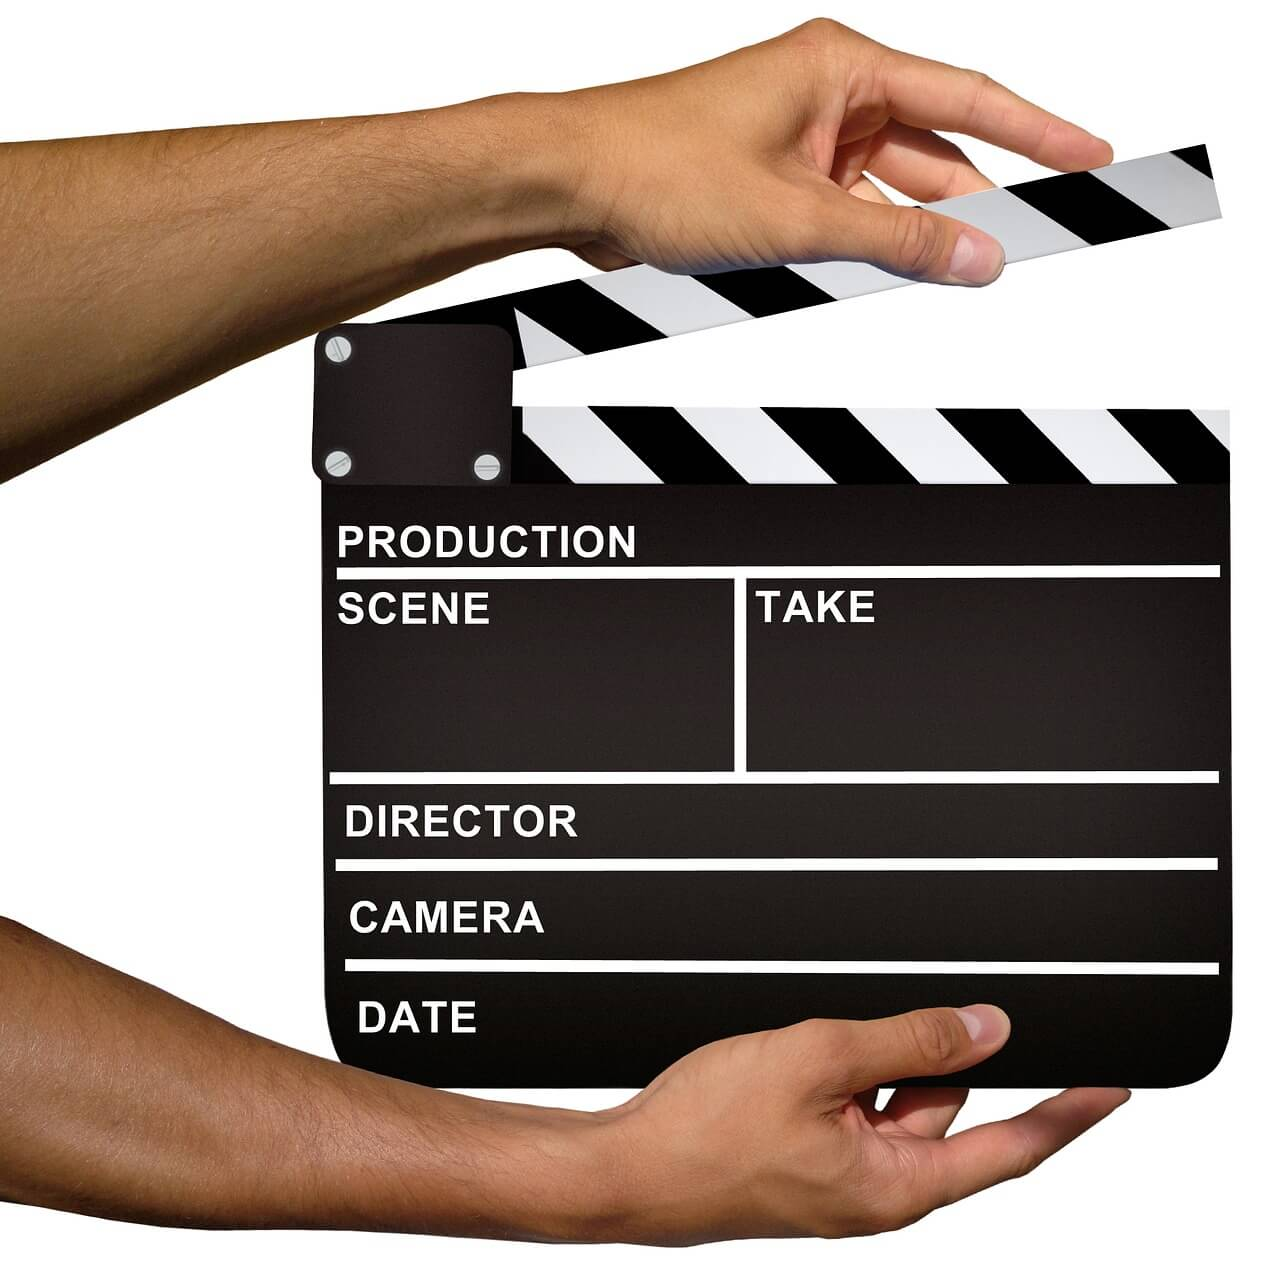 物件の紹介動画スタートのイメージ画像